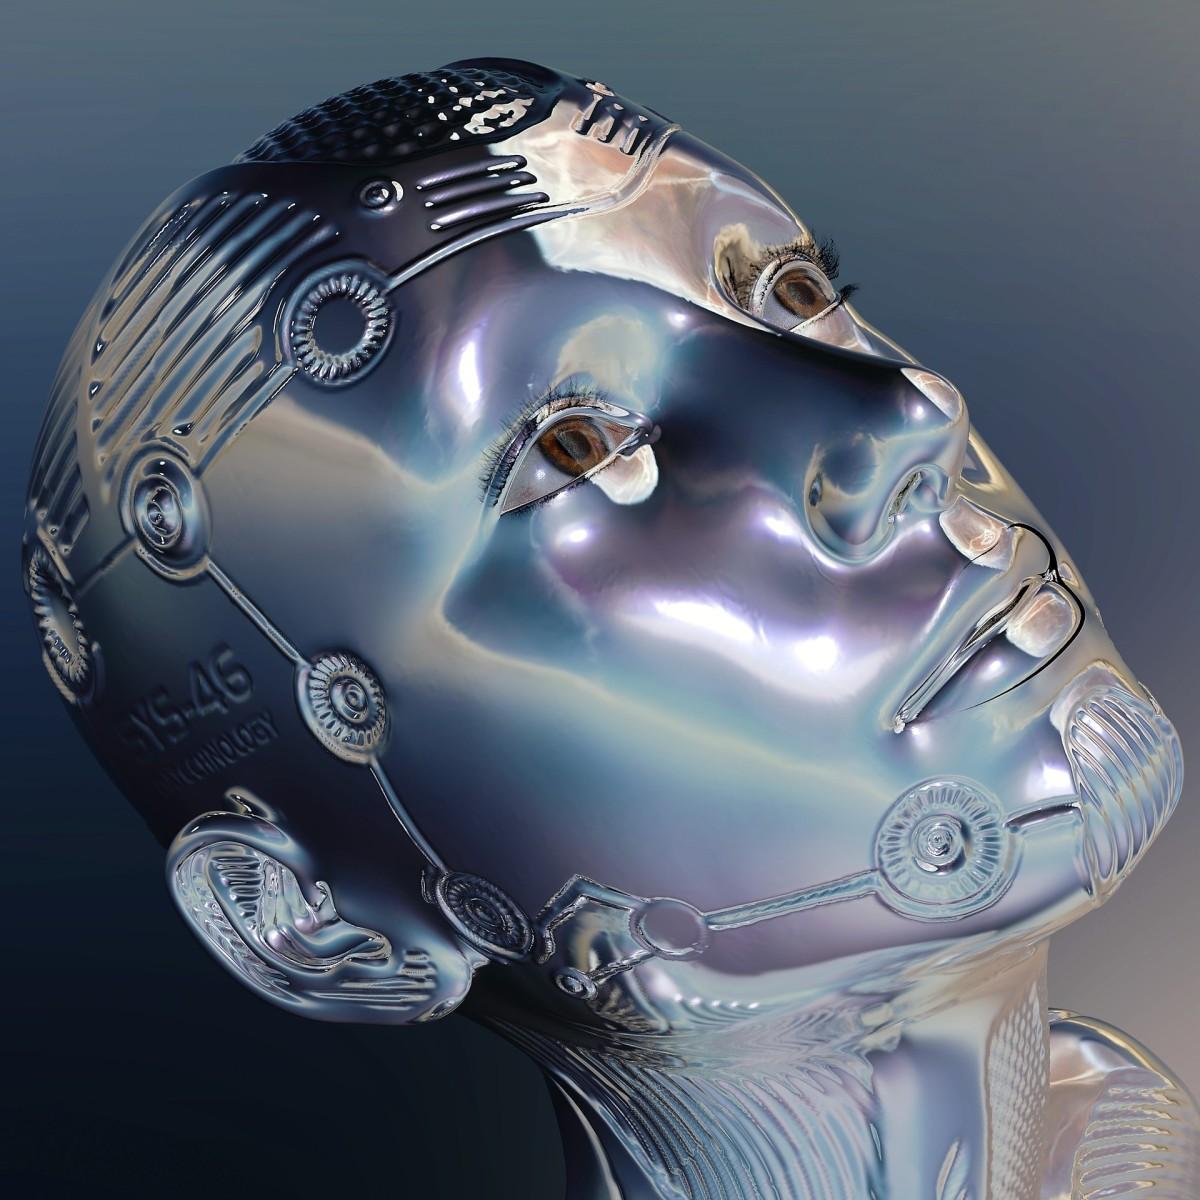 robot-2740075_1920